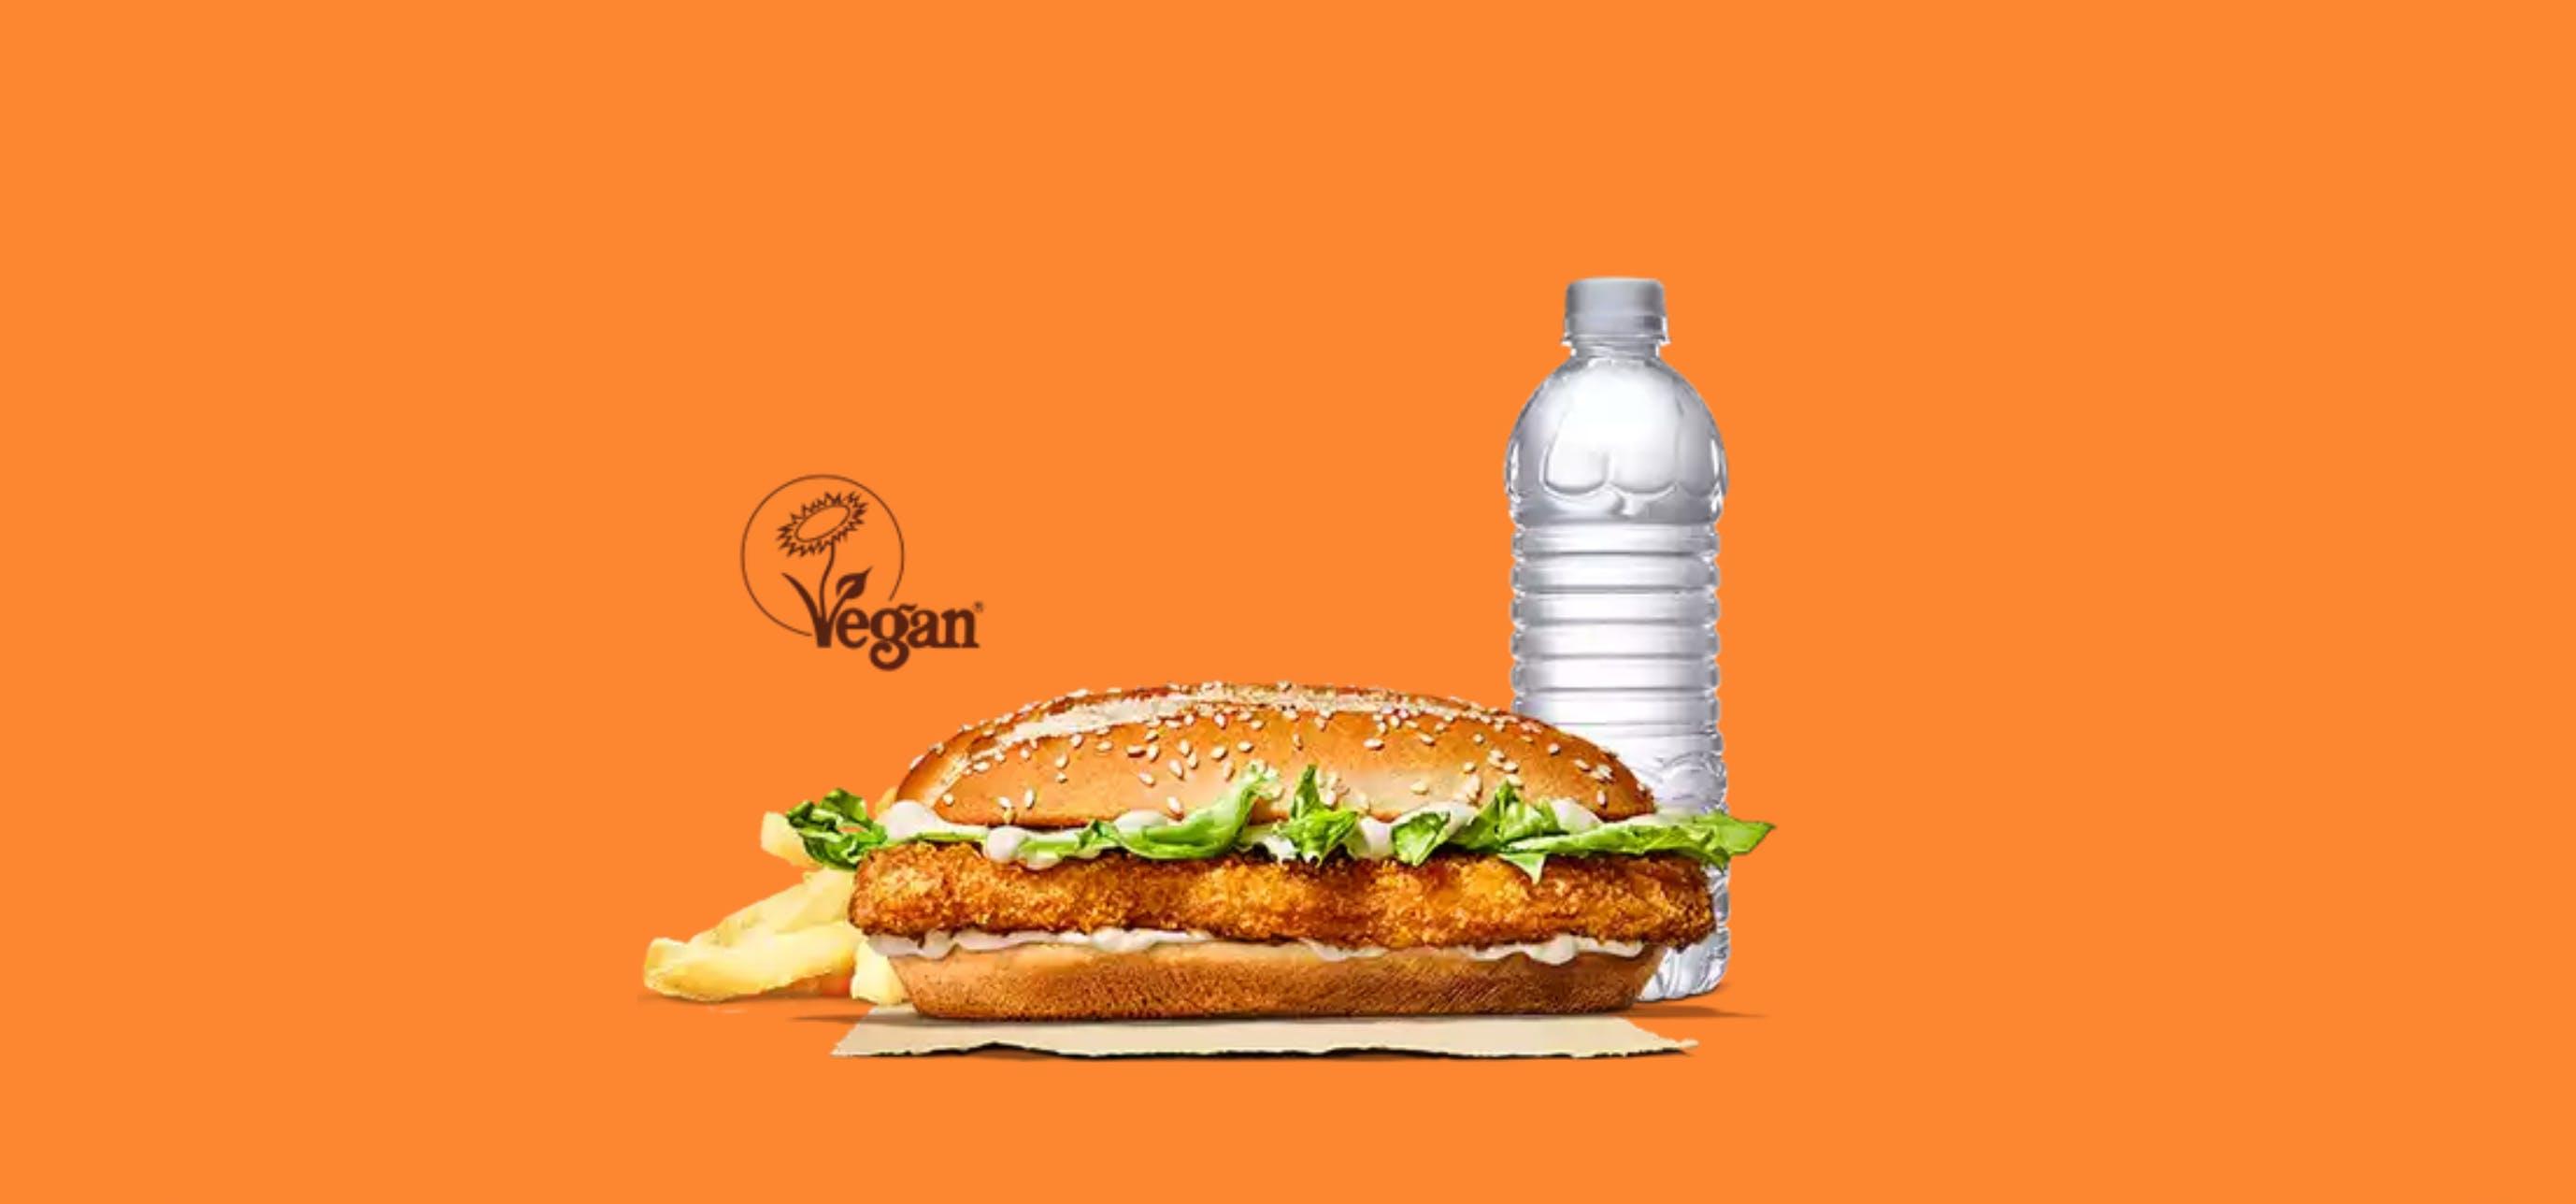 vegan royale from burger king